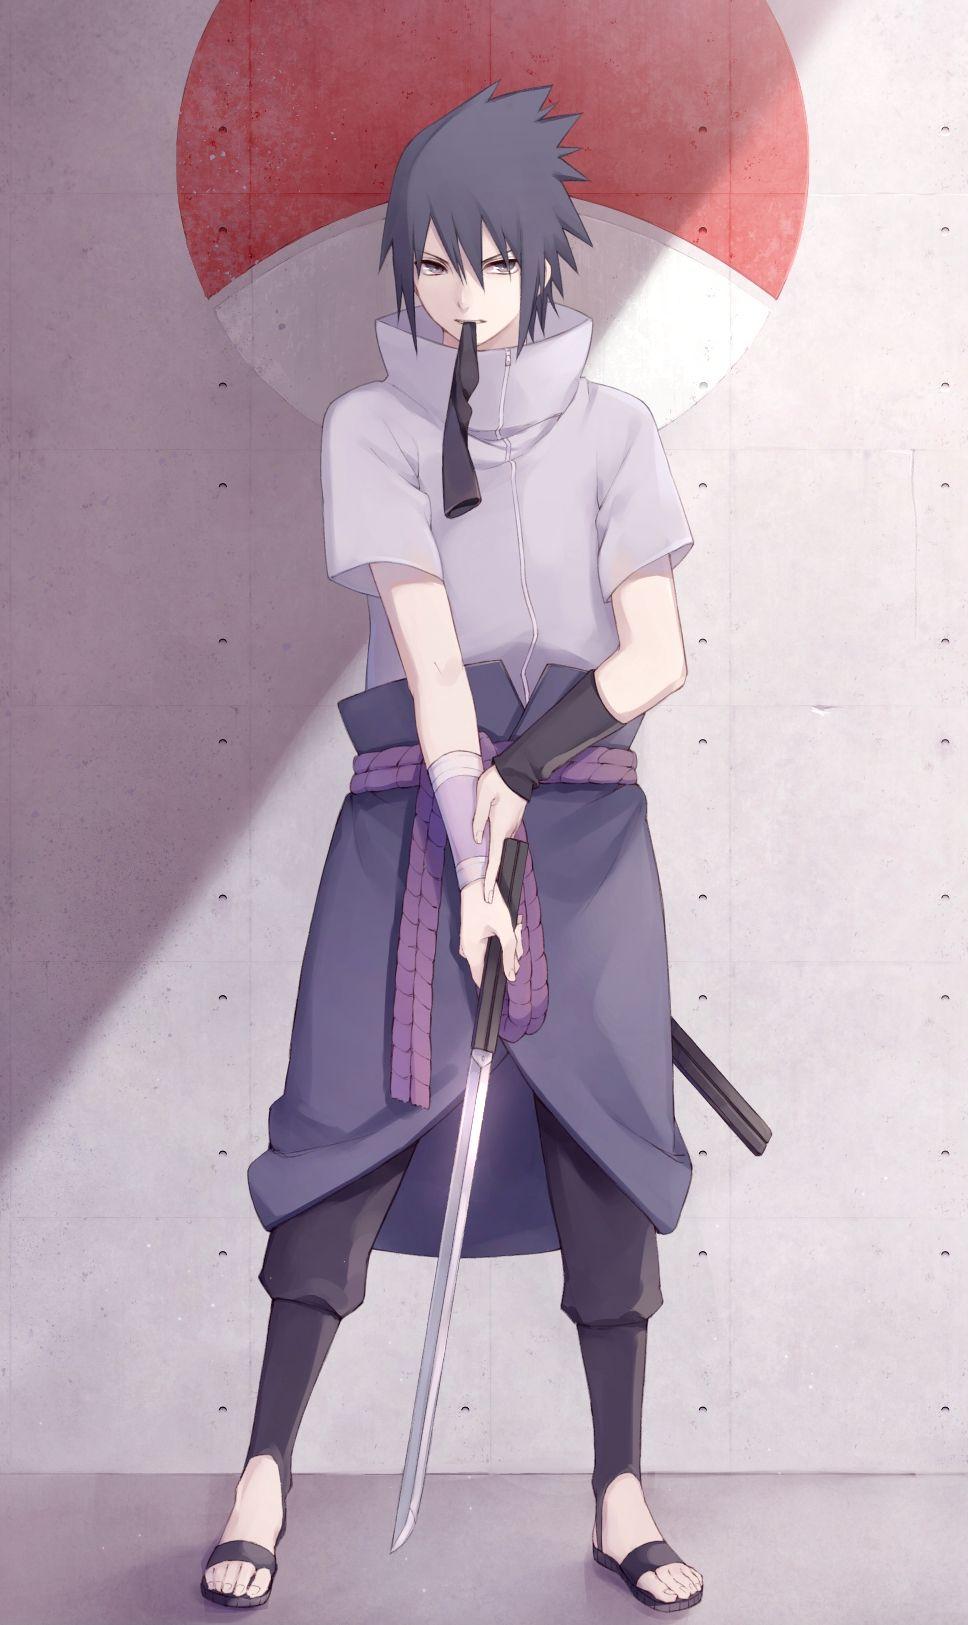 Tags Fanart Naruto Uchiha Sasuke Pixiv Png Conversion Fanart From Pixiv Pixiv Id 8447910 Naruto Fofo Naruto E Sasuke Anime Naruto